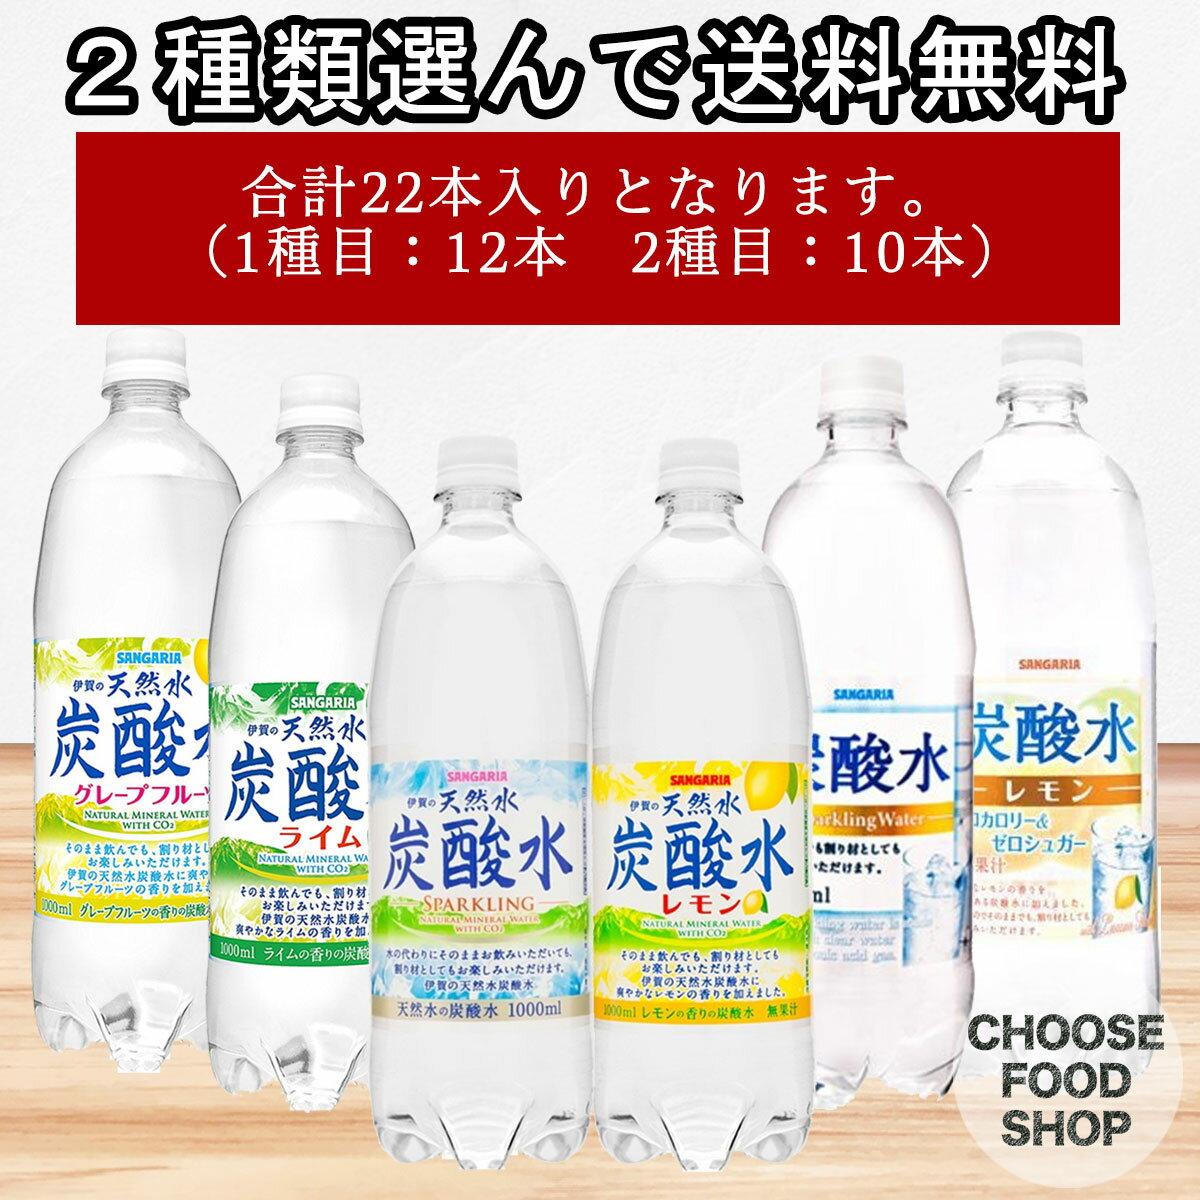 【6種類から2種(合計22本)選んで送料無料】天然水 炭酸水 1000ml (1L) まとめ買い [炭酸水/レモン/ライム/グレープフルーツ 組み合わせ自由】【スパークリング】